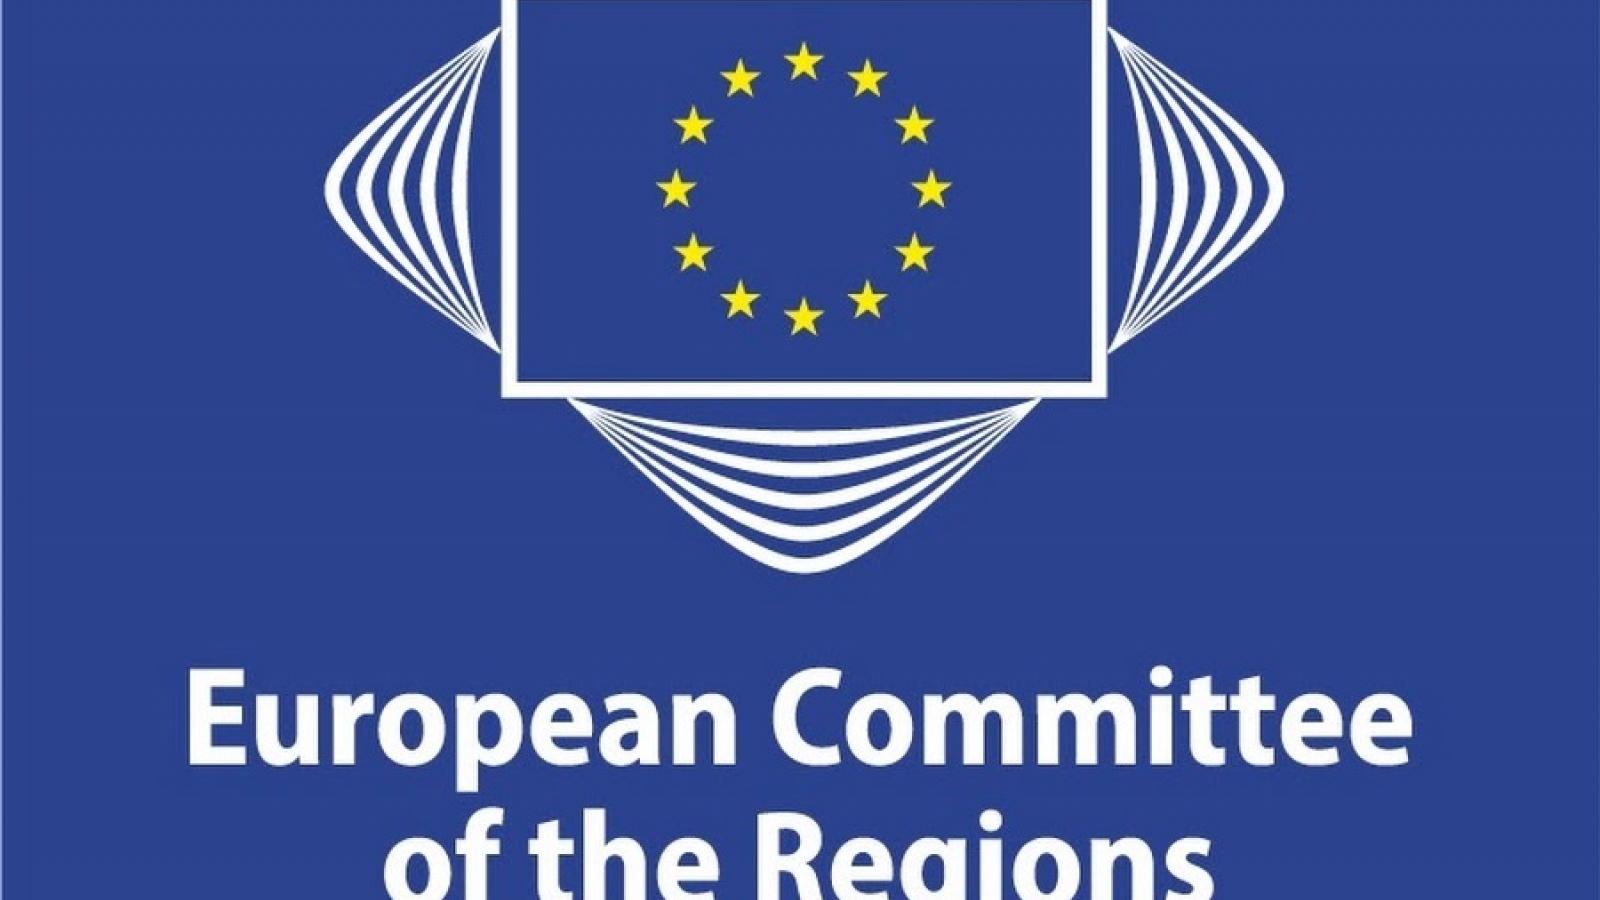 EU được kêu gọi ngừng cấp bằng sáng chế vaccine Covid-19, AU hoan nghênh Mỹ ủng hộ